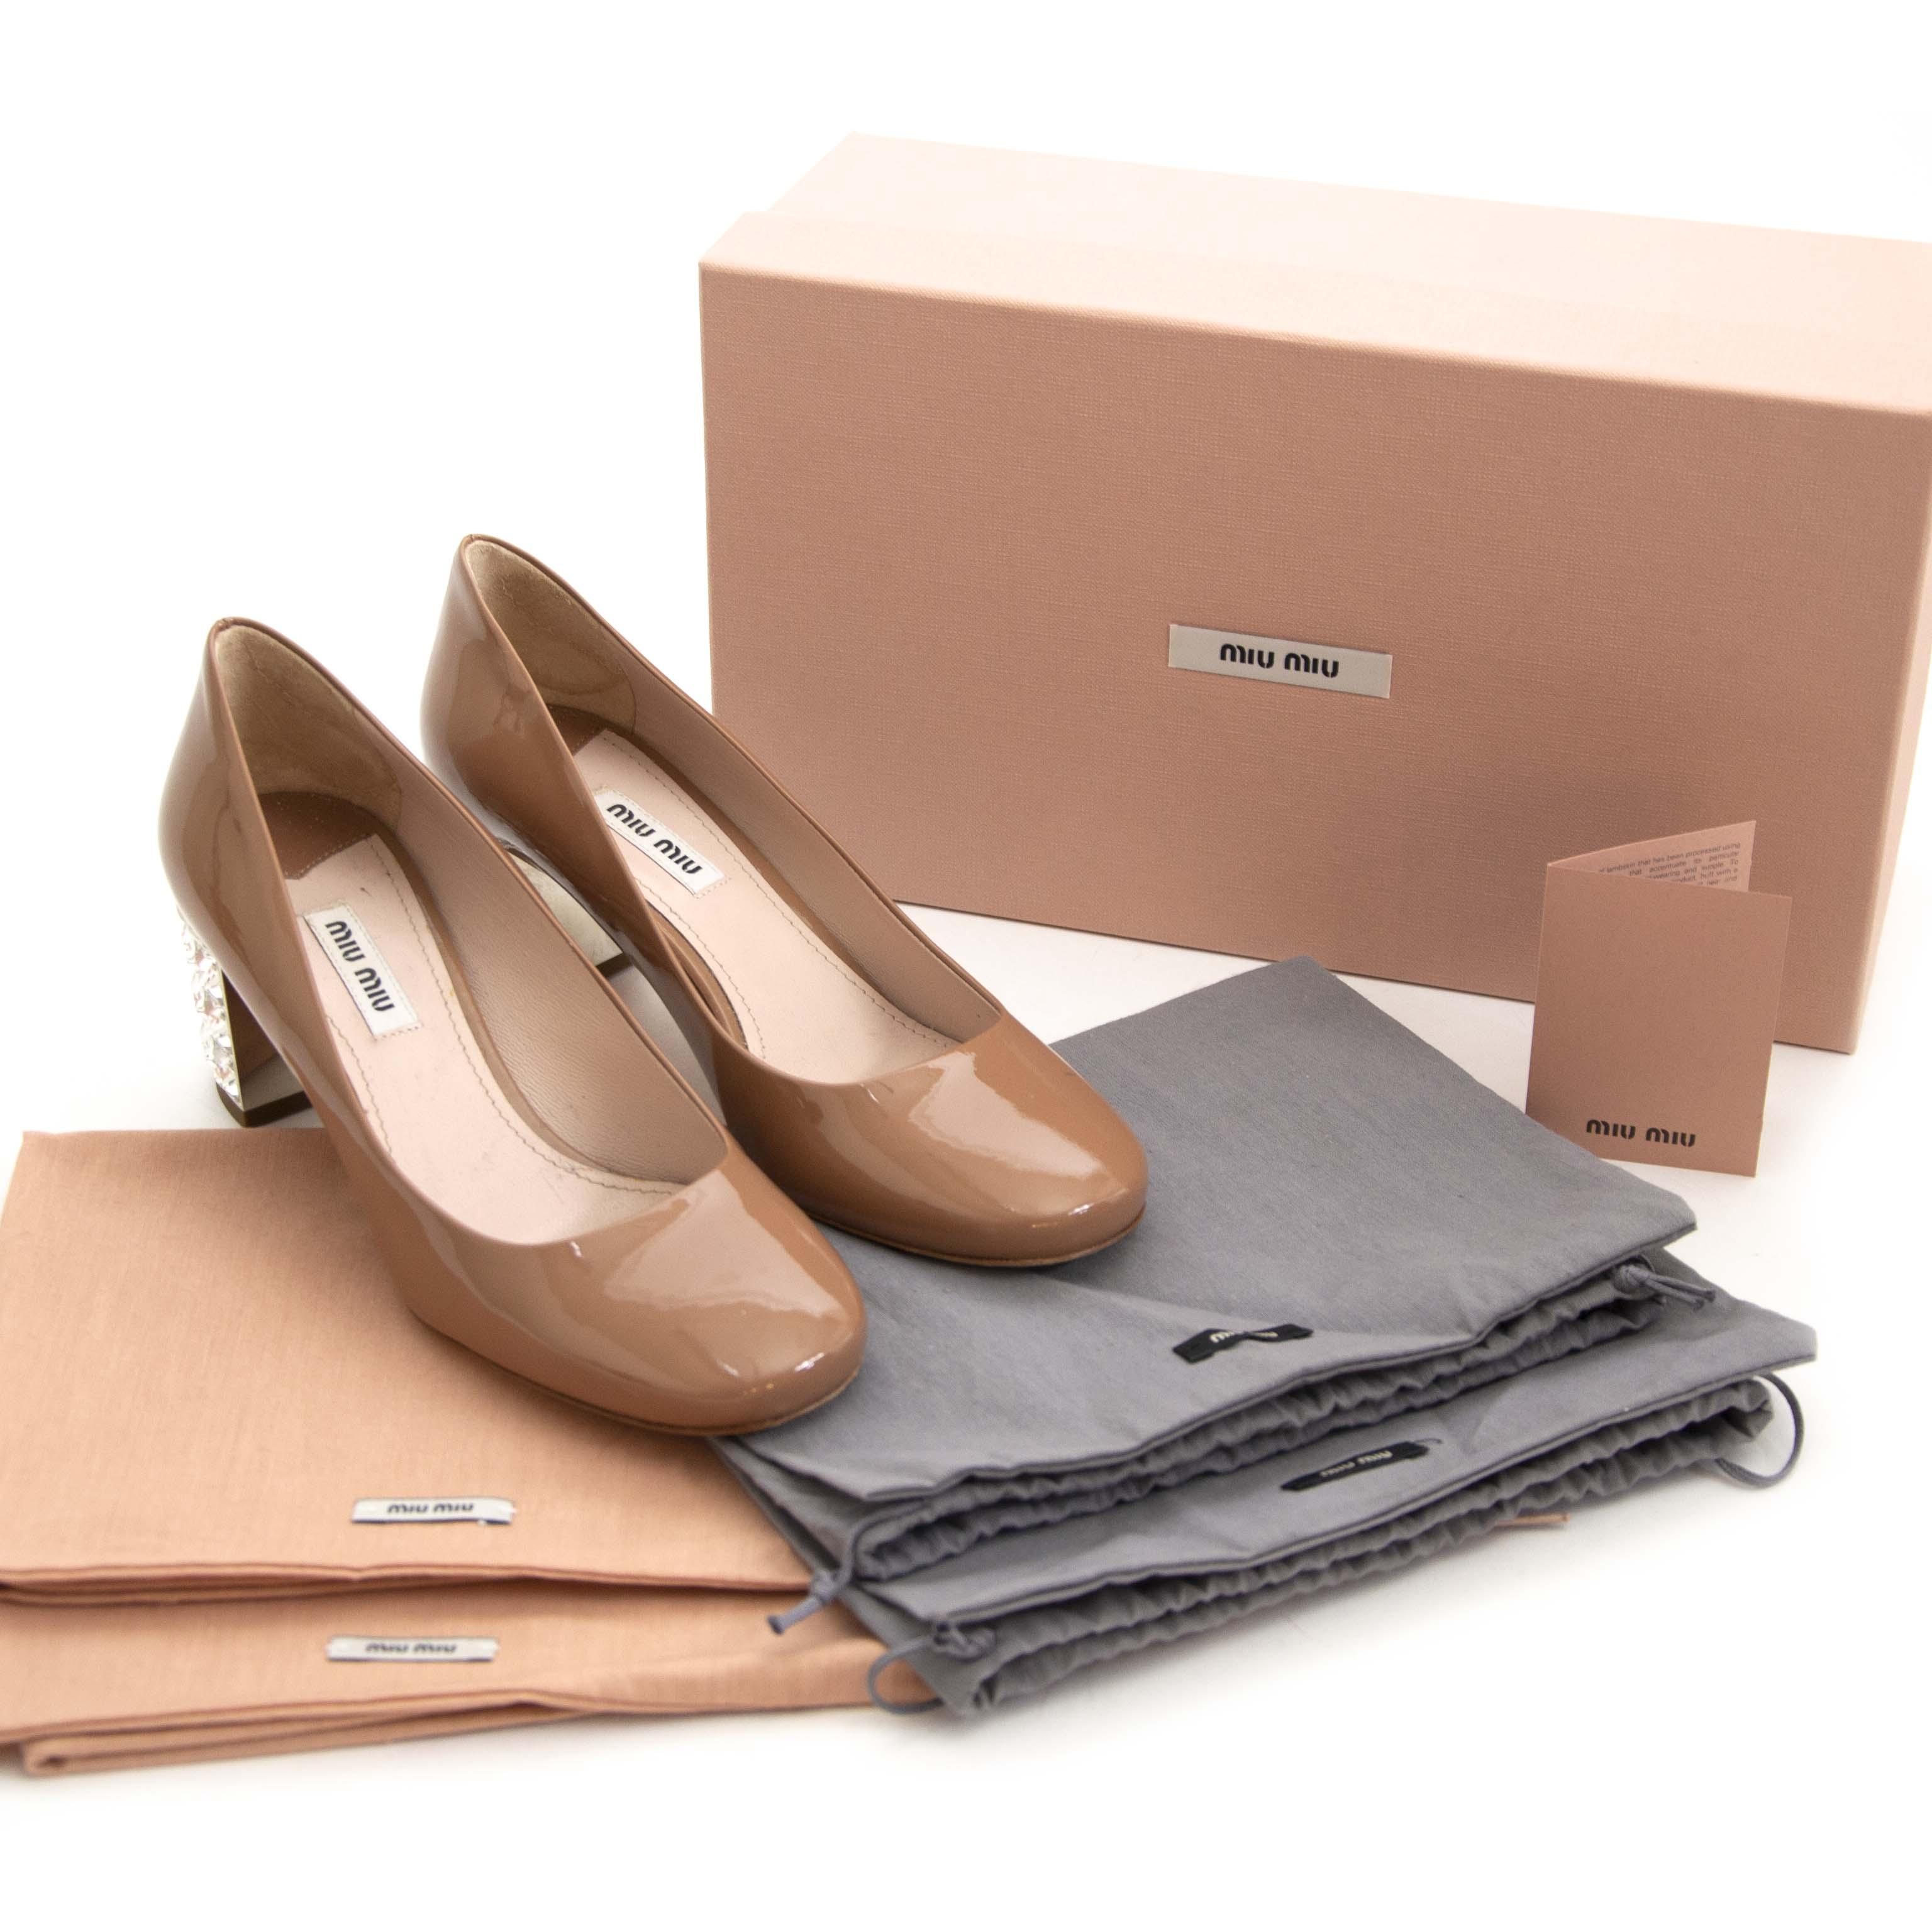 Miu Miu Pink Patent Leather Crystal Heel Pumps - Size 37. Now for sale at labellov.com for the best price. Op zoek naar Miu Miu pumps? Nu te koop bij labellov.com tegen de beste prijs.